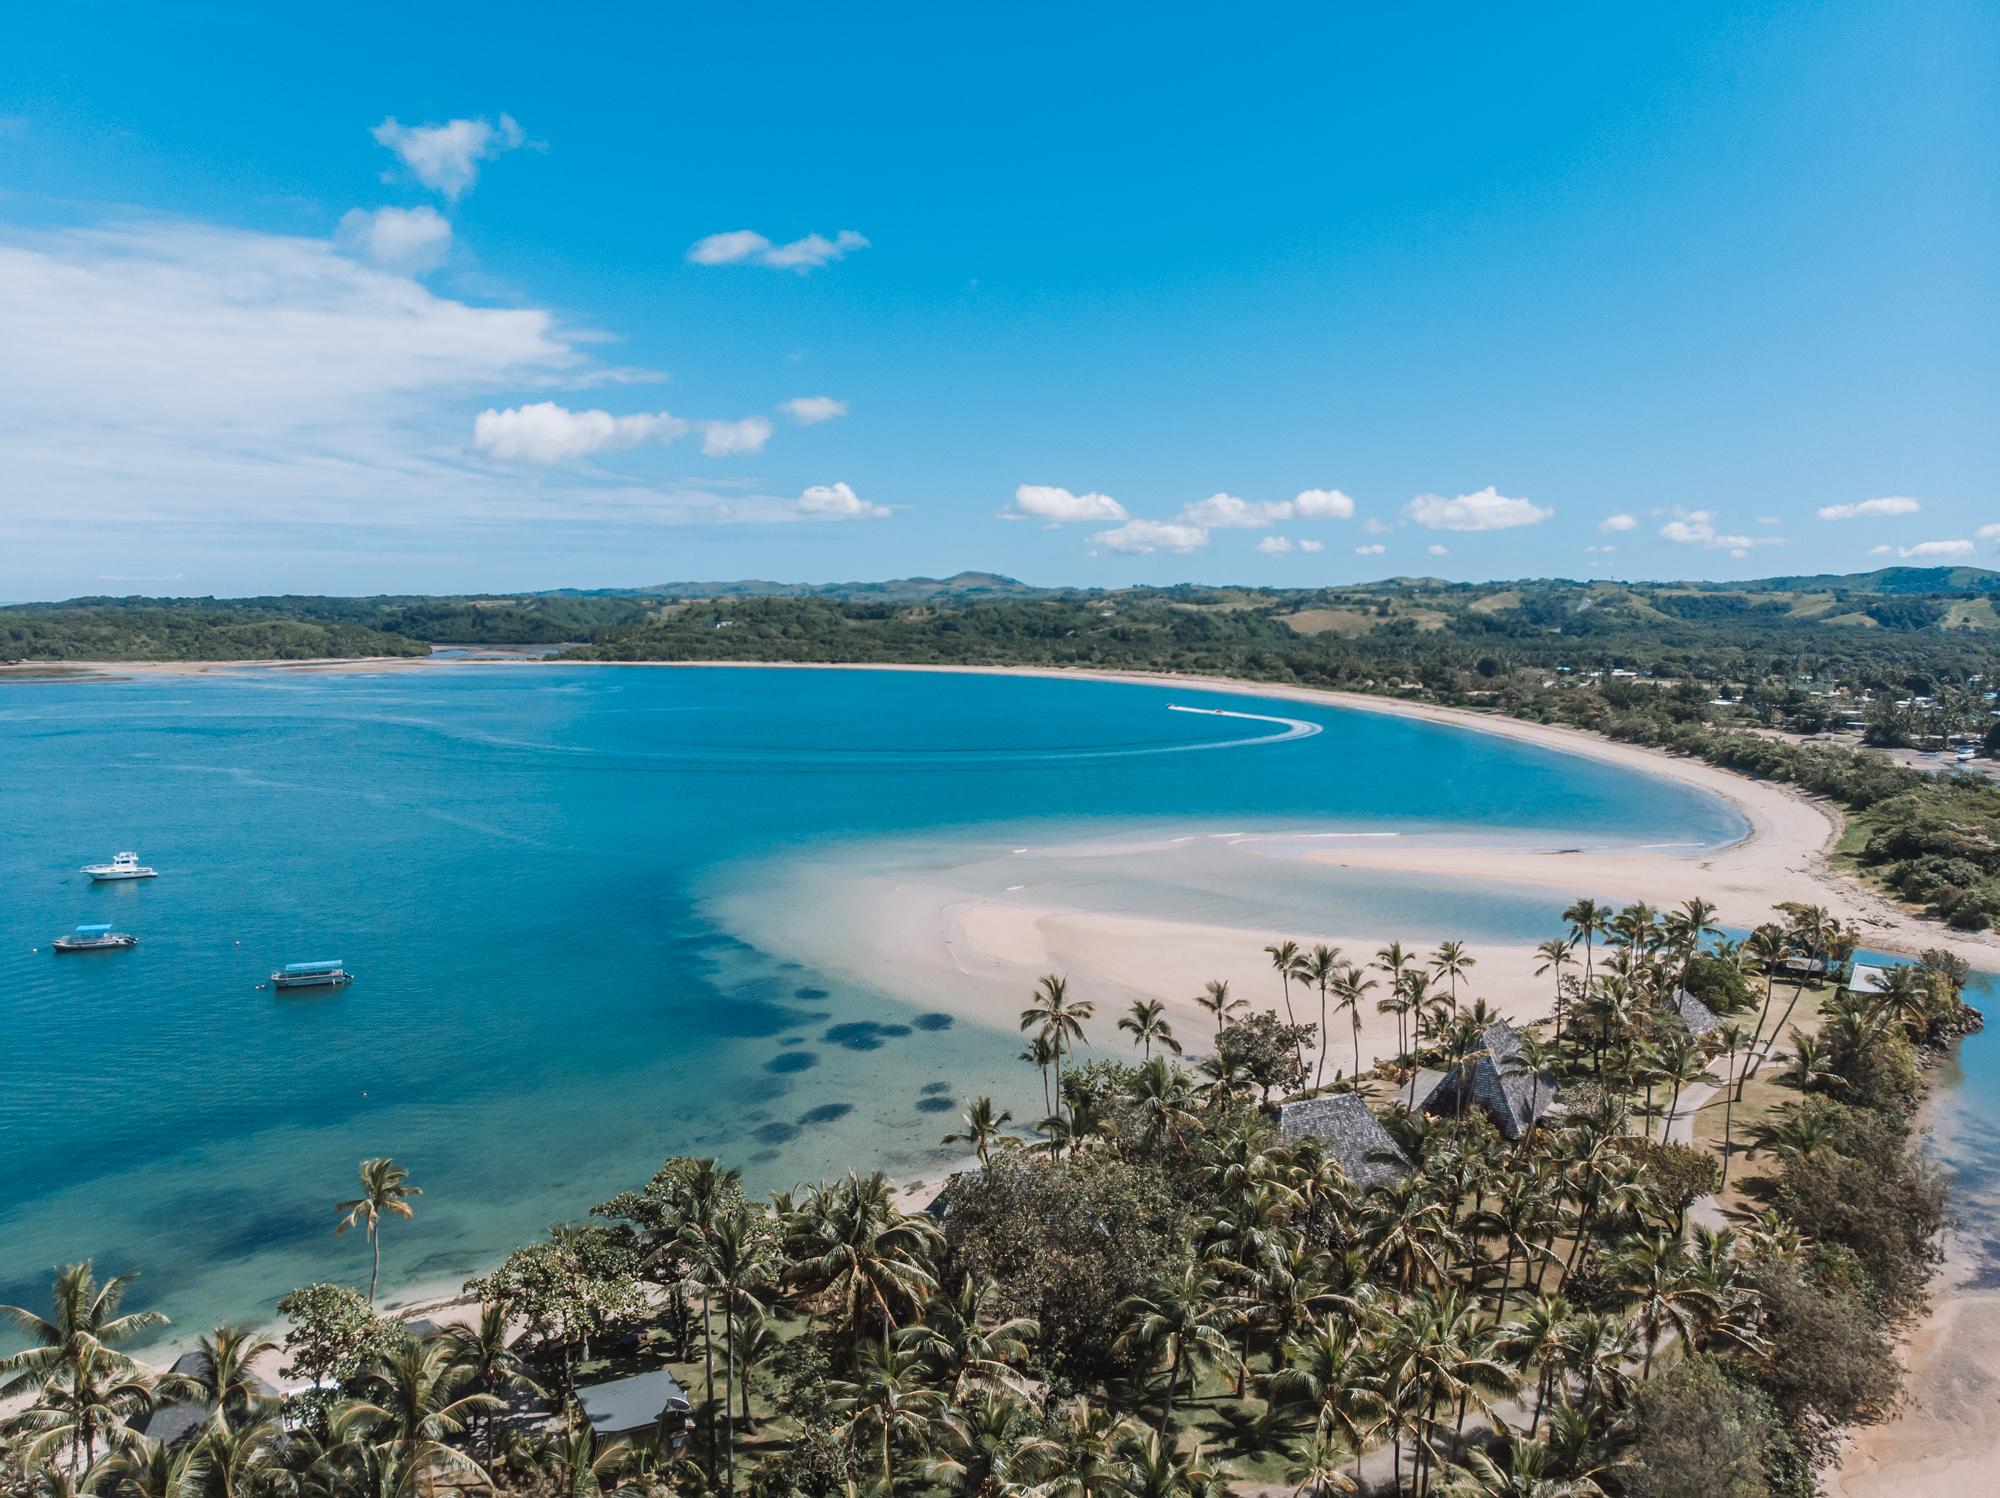 Away-Lands-Presets_Beach-Drone-1-After.jpg